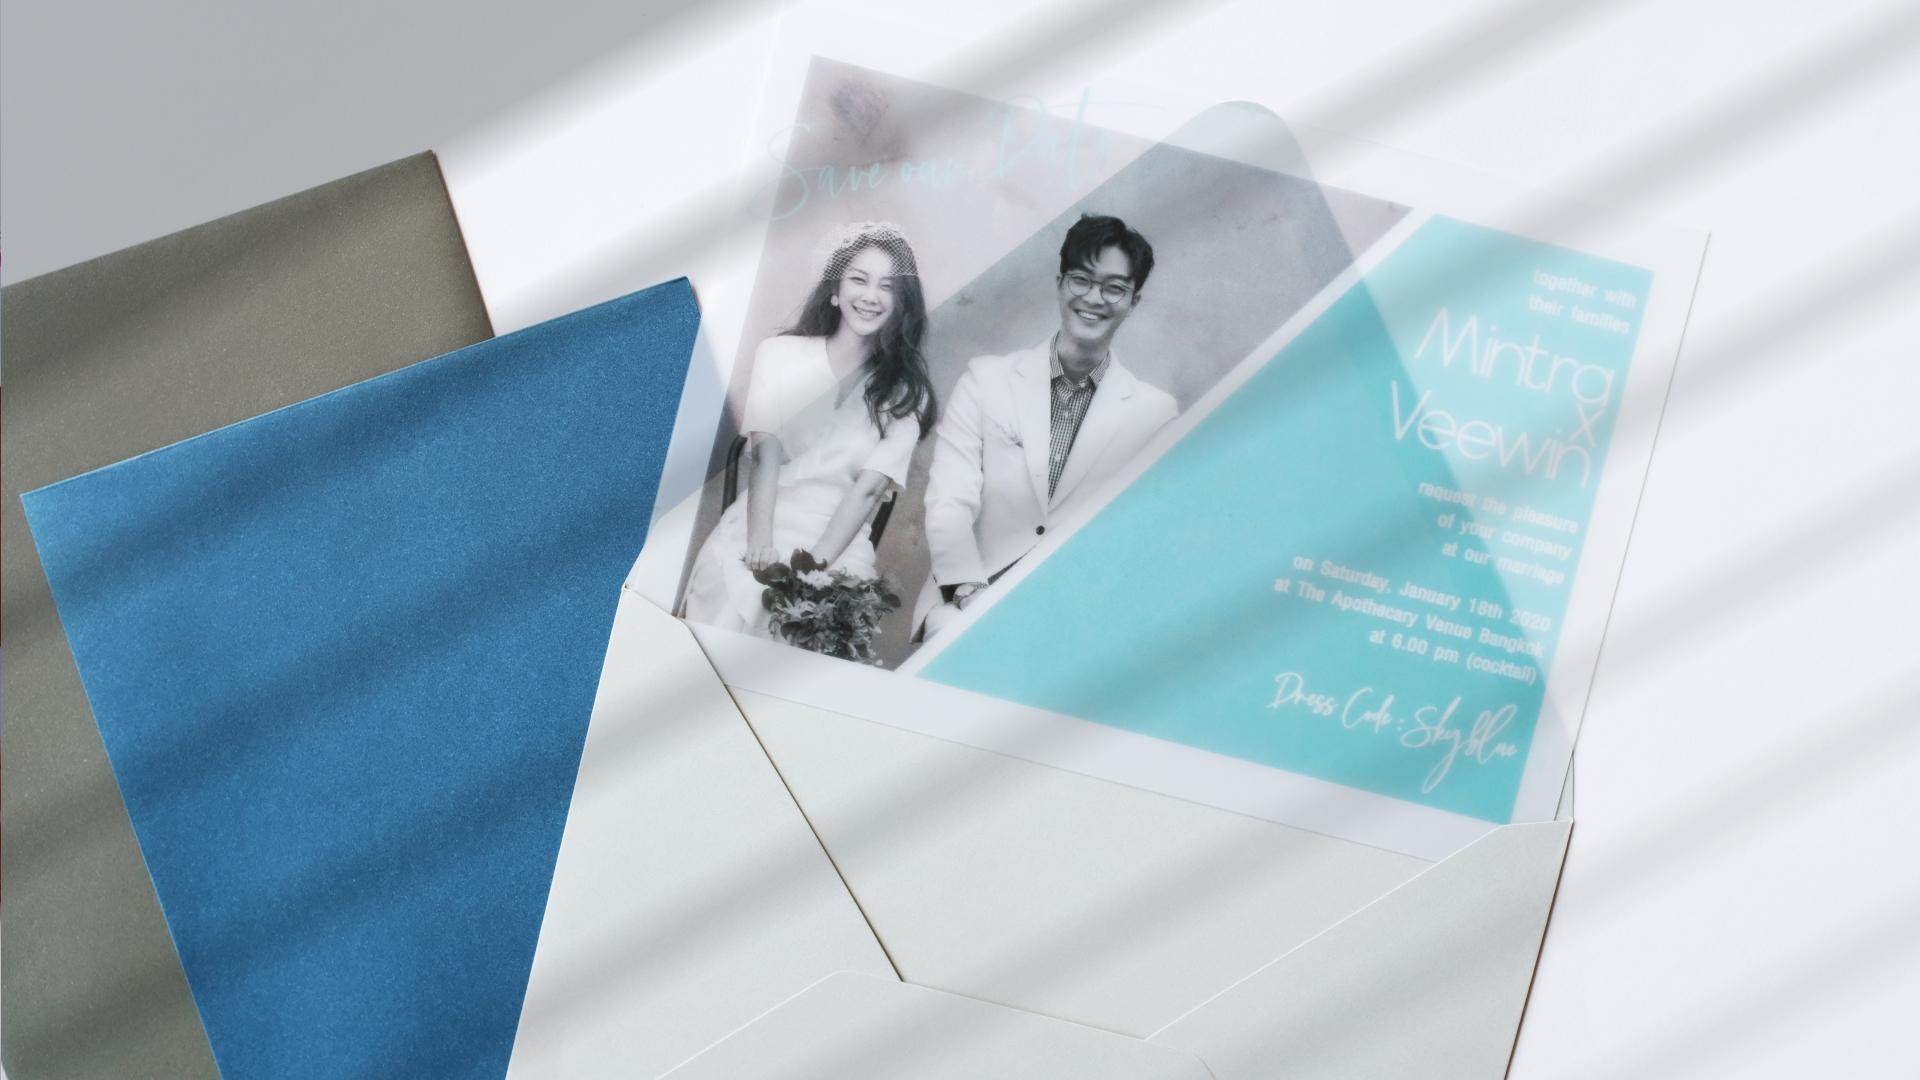 B070LM-wedding-card-4